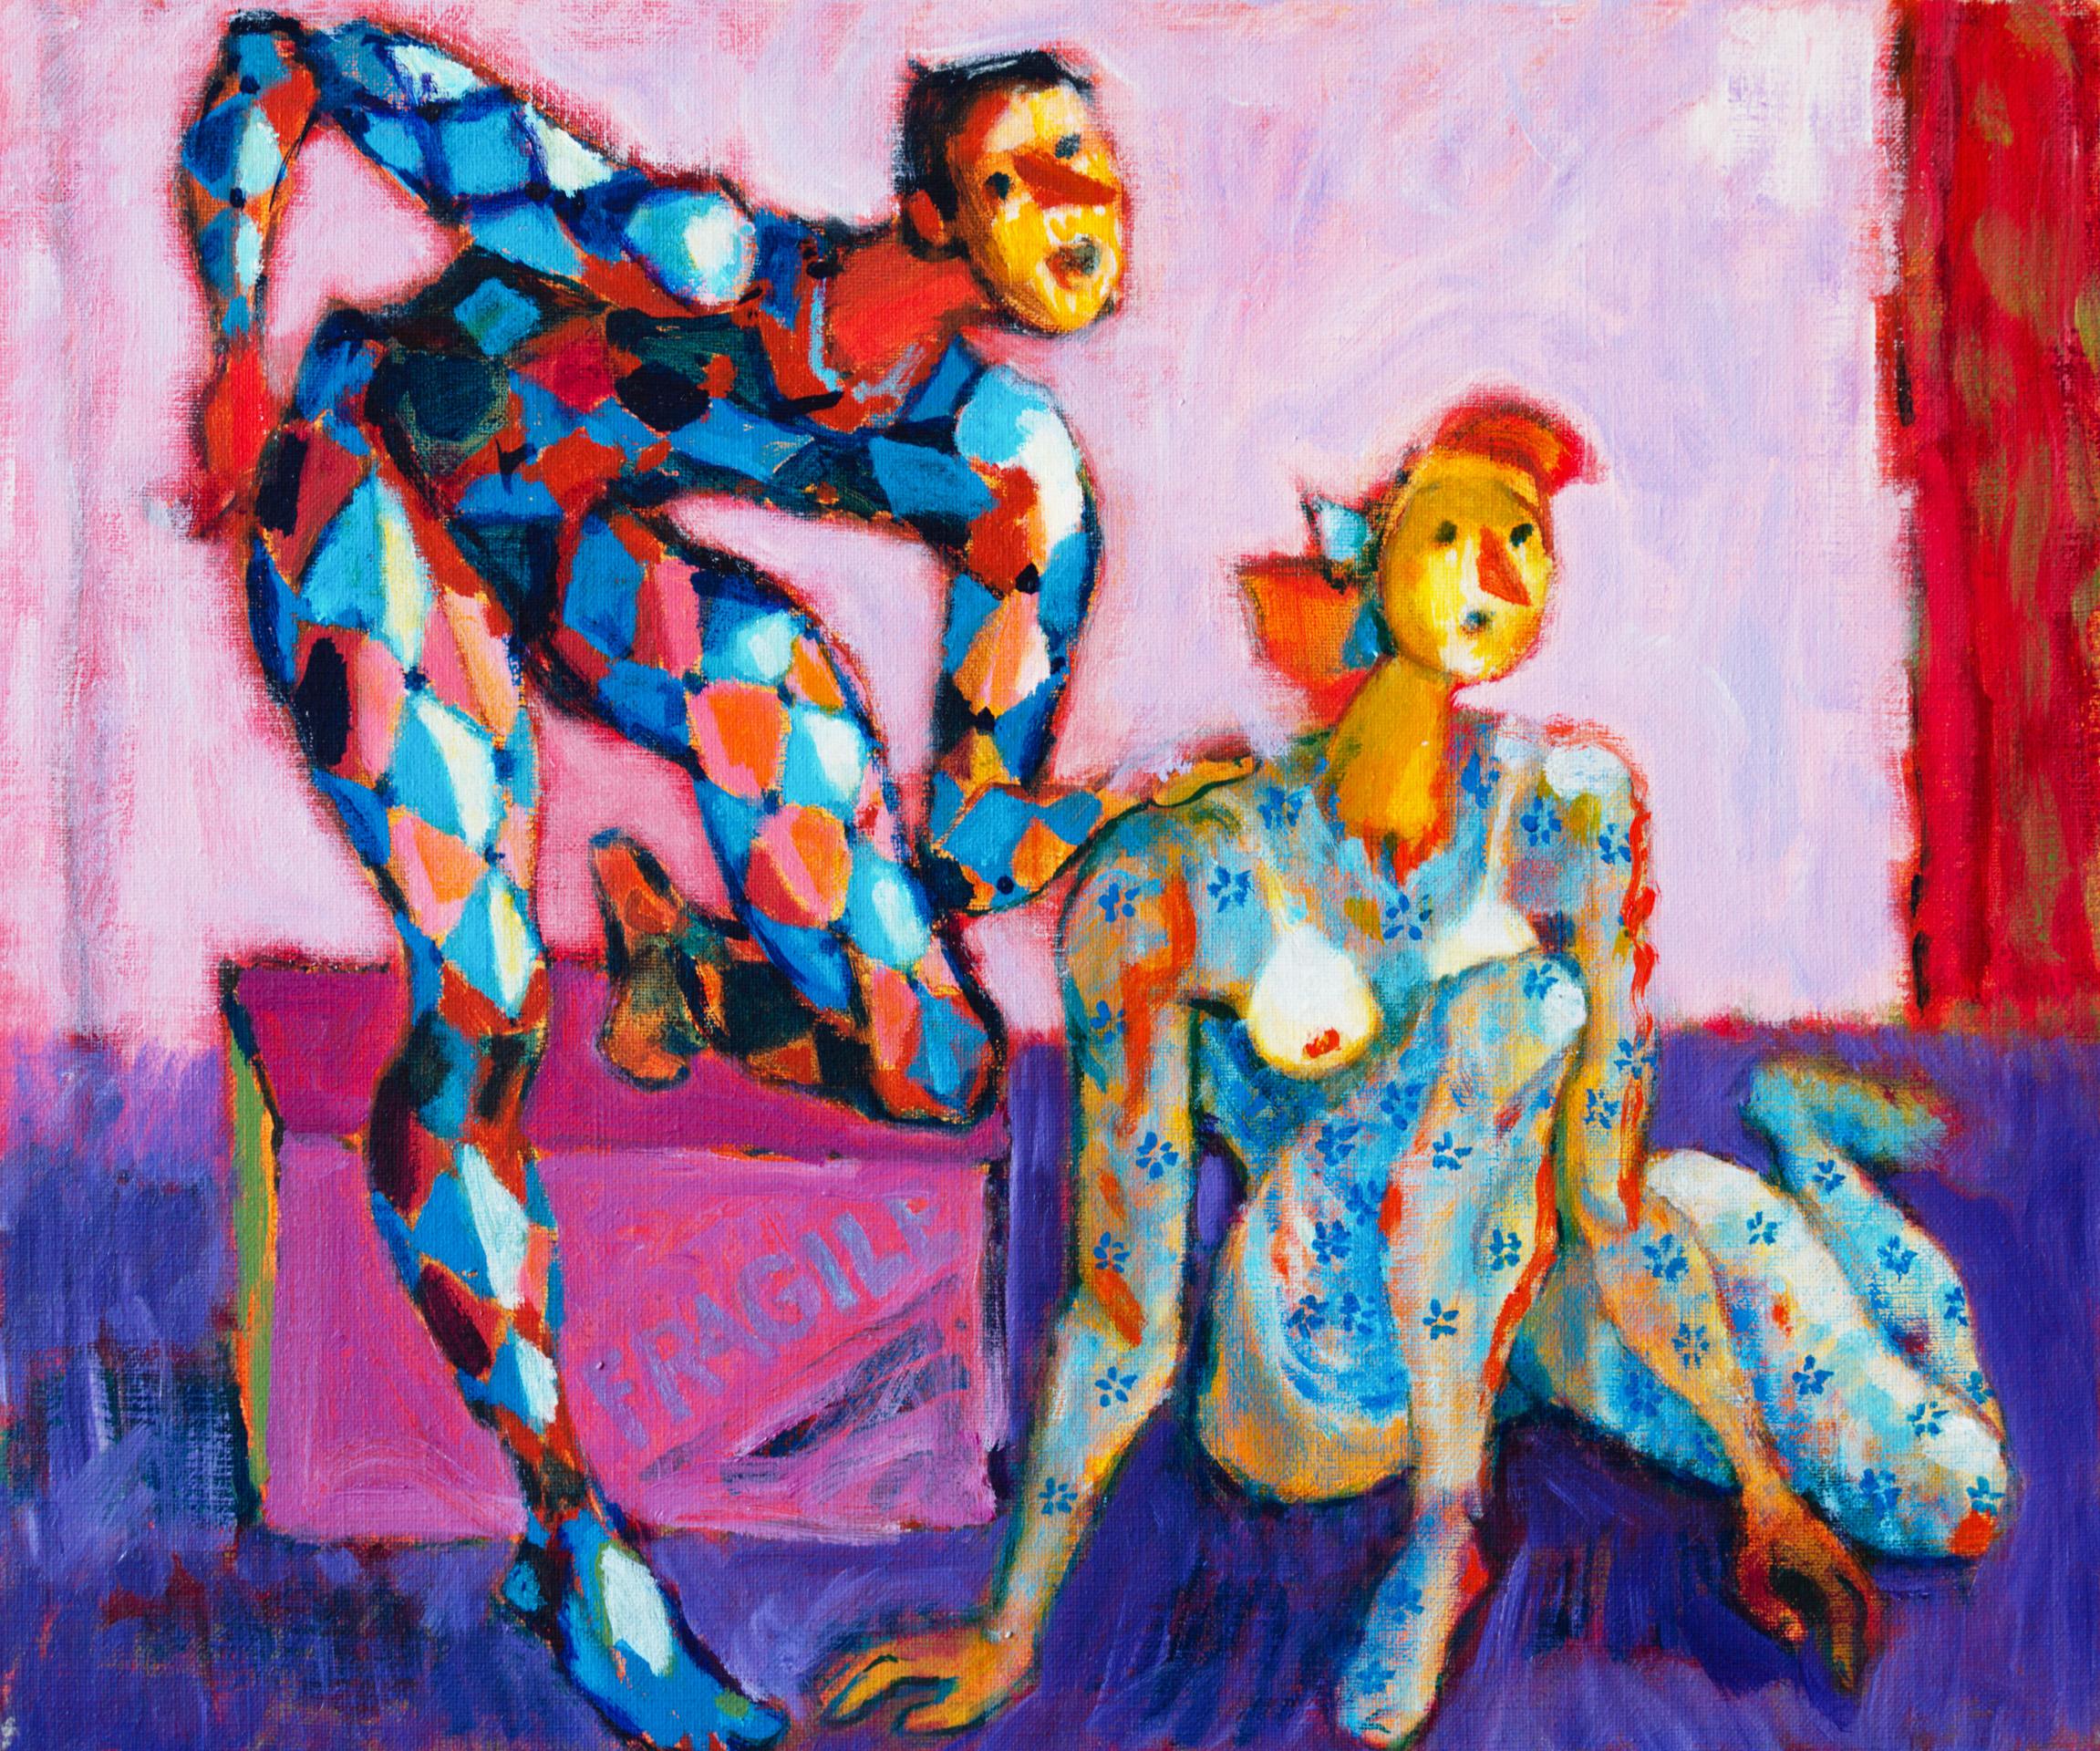 Fragile  / 1996 / oil on canvas / 60x50 cm